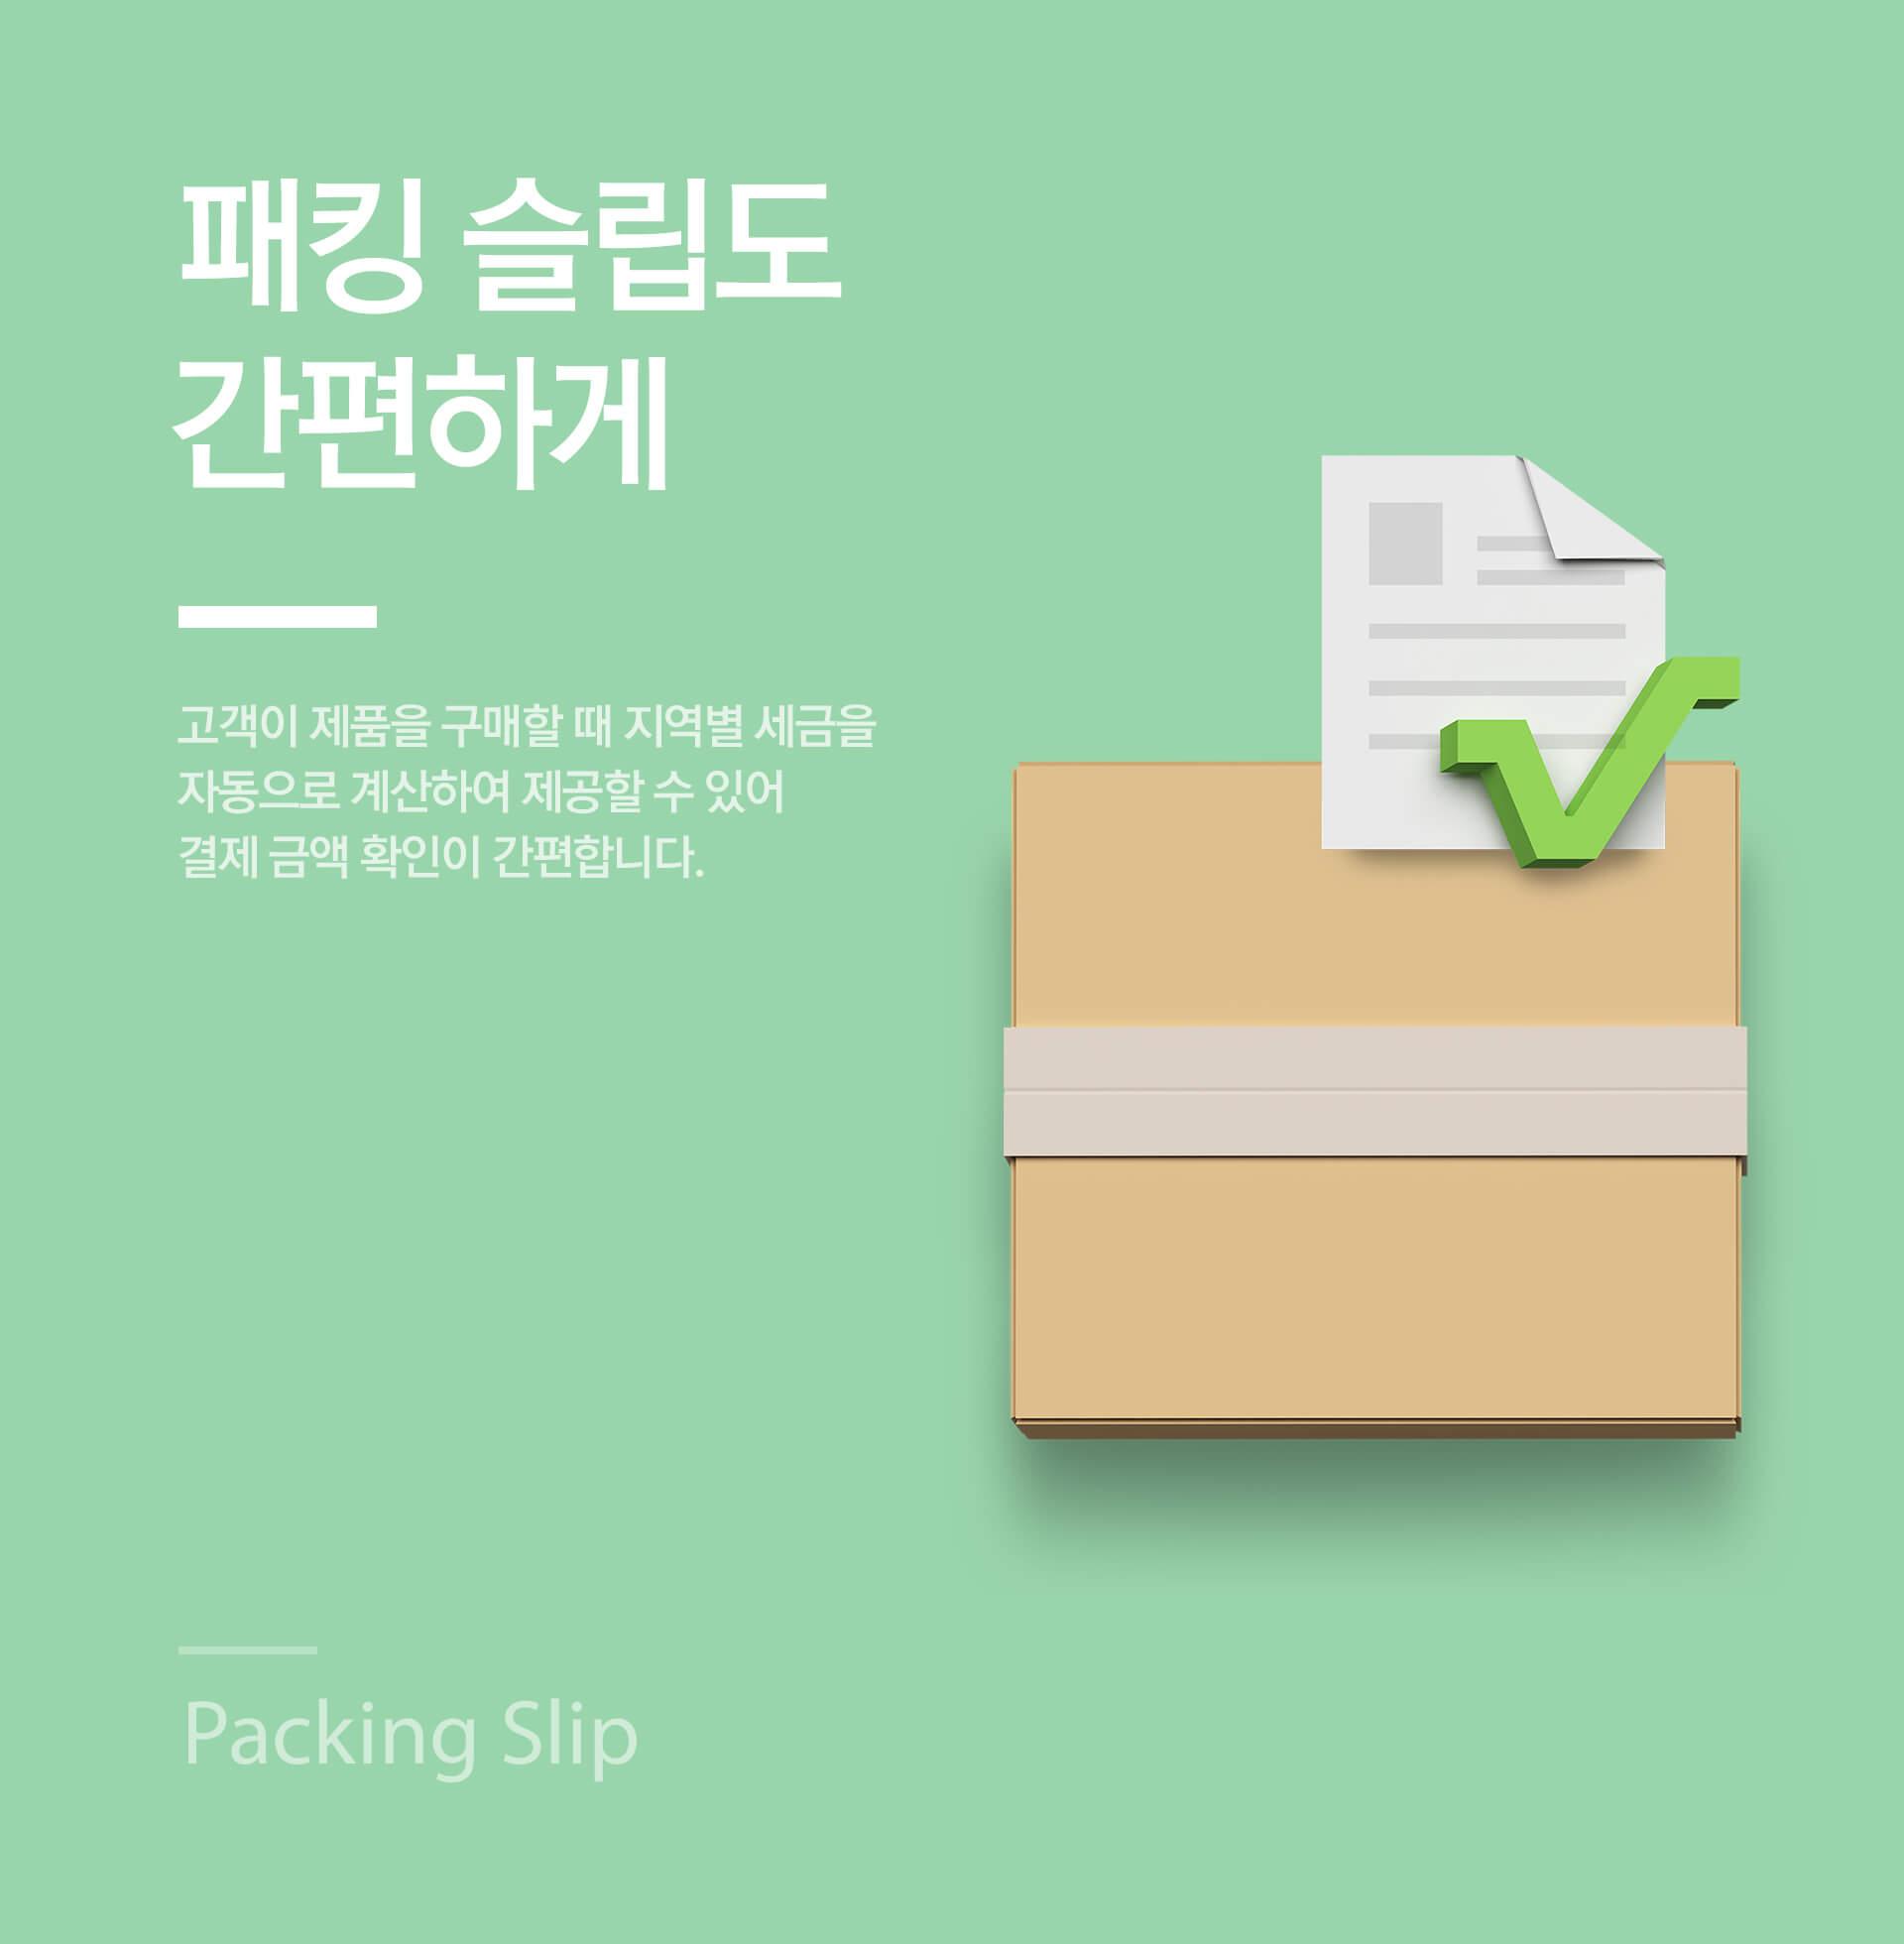 bigstore_us_packingslip